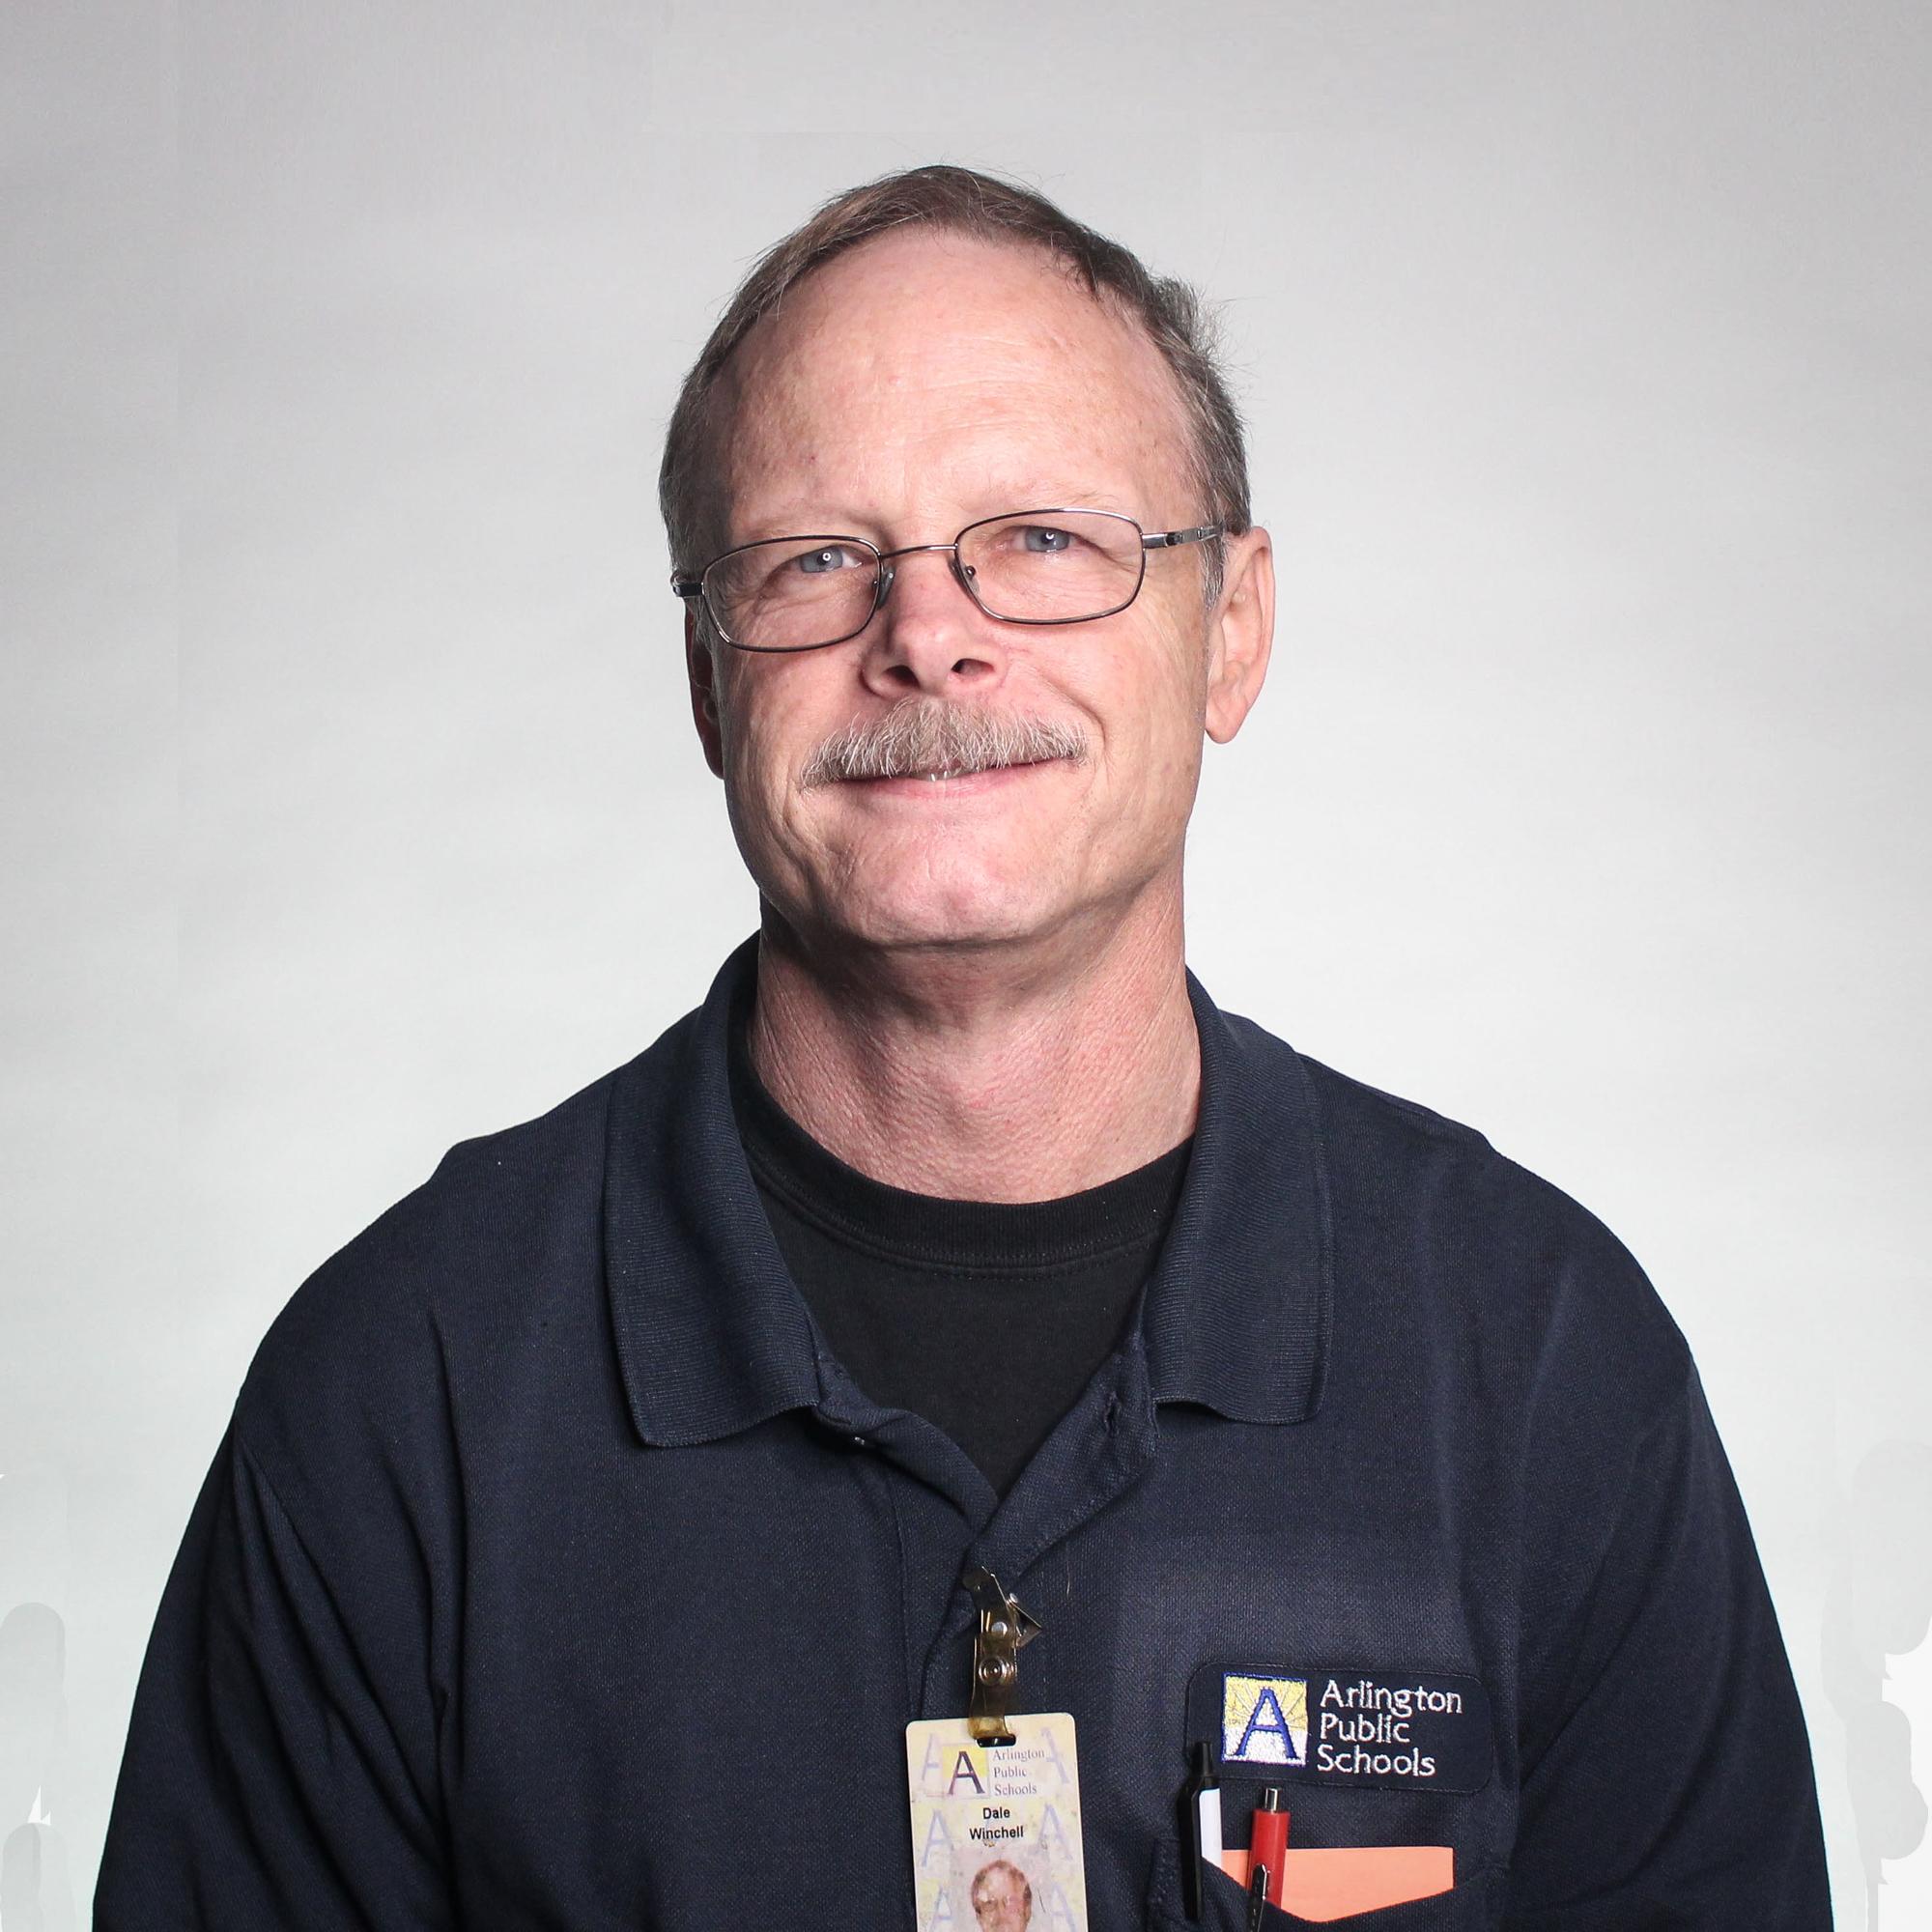 Mr. Dale WInchell